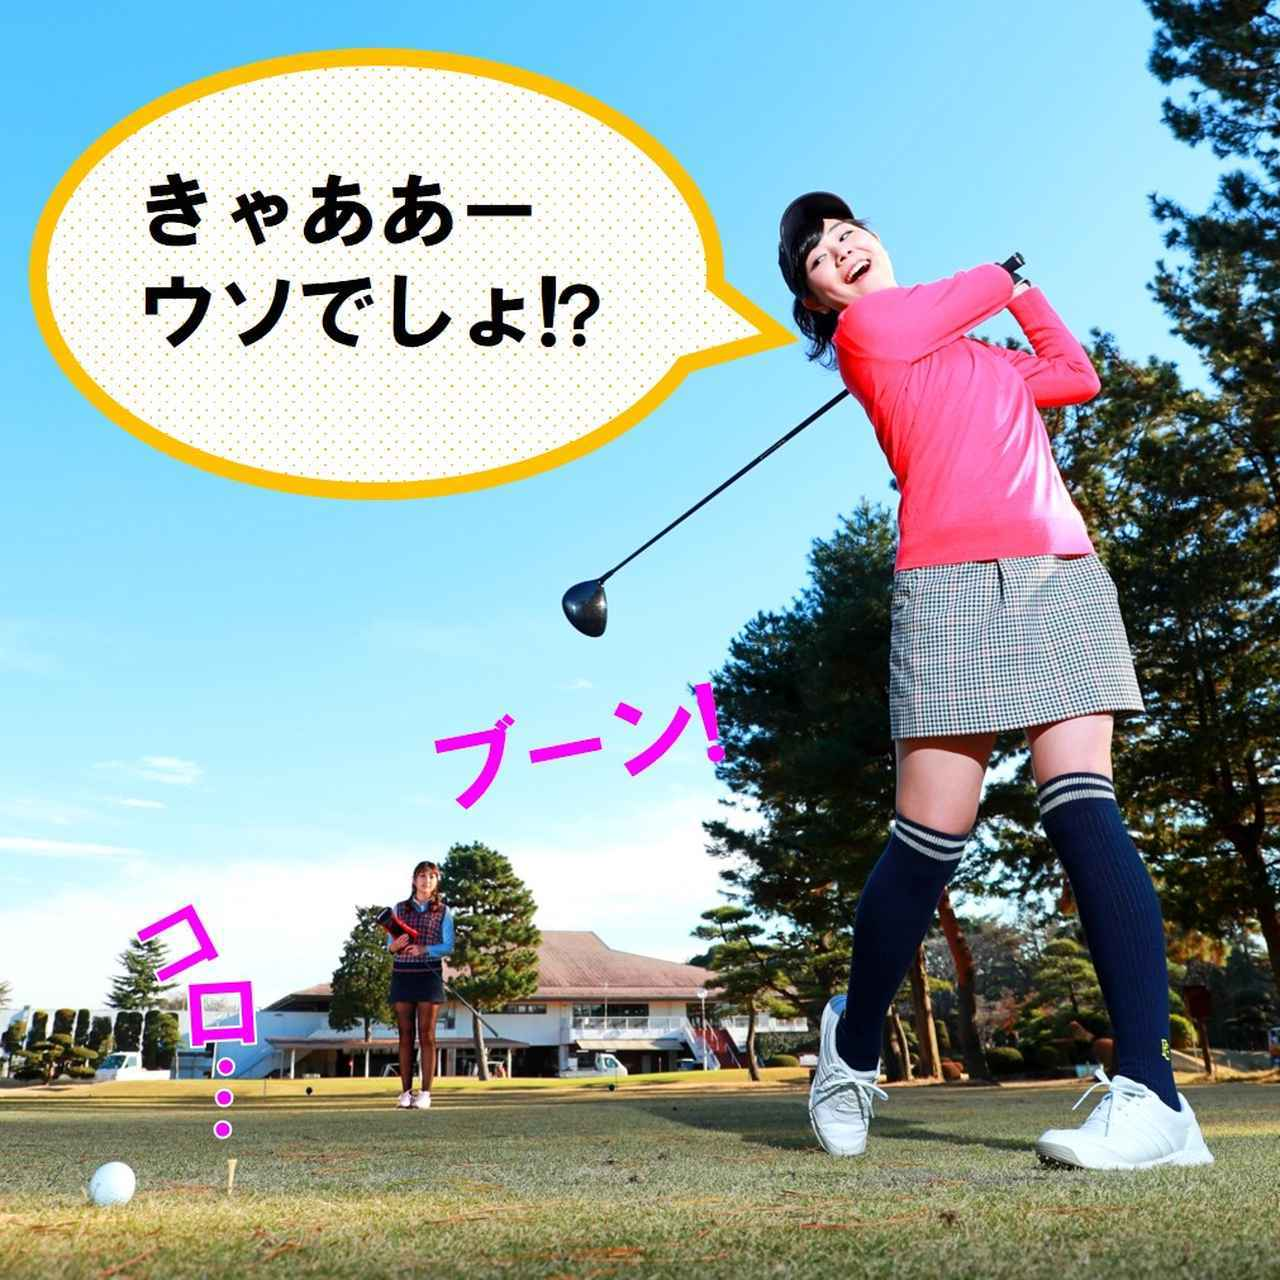 画像1: 【新ルール】空振りでボールがティからポロリ。ティアップして打ち直していいの?